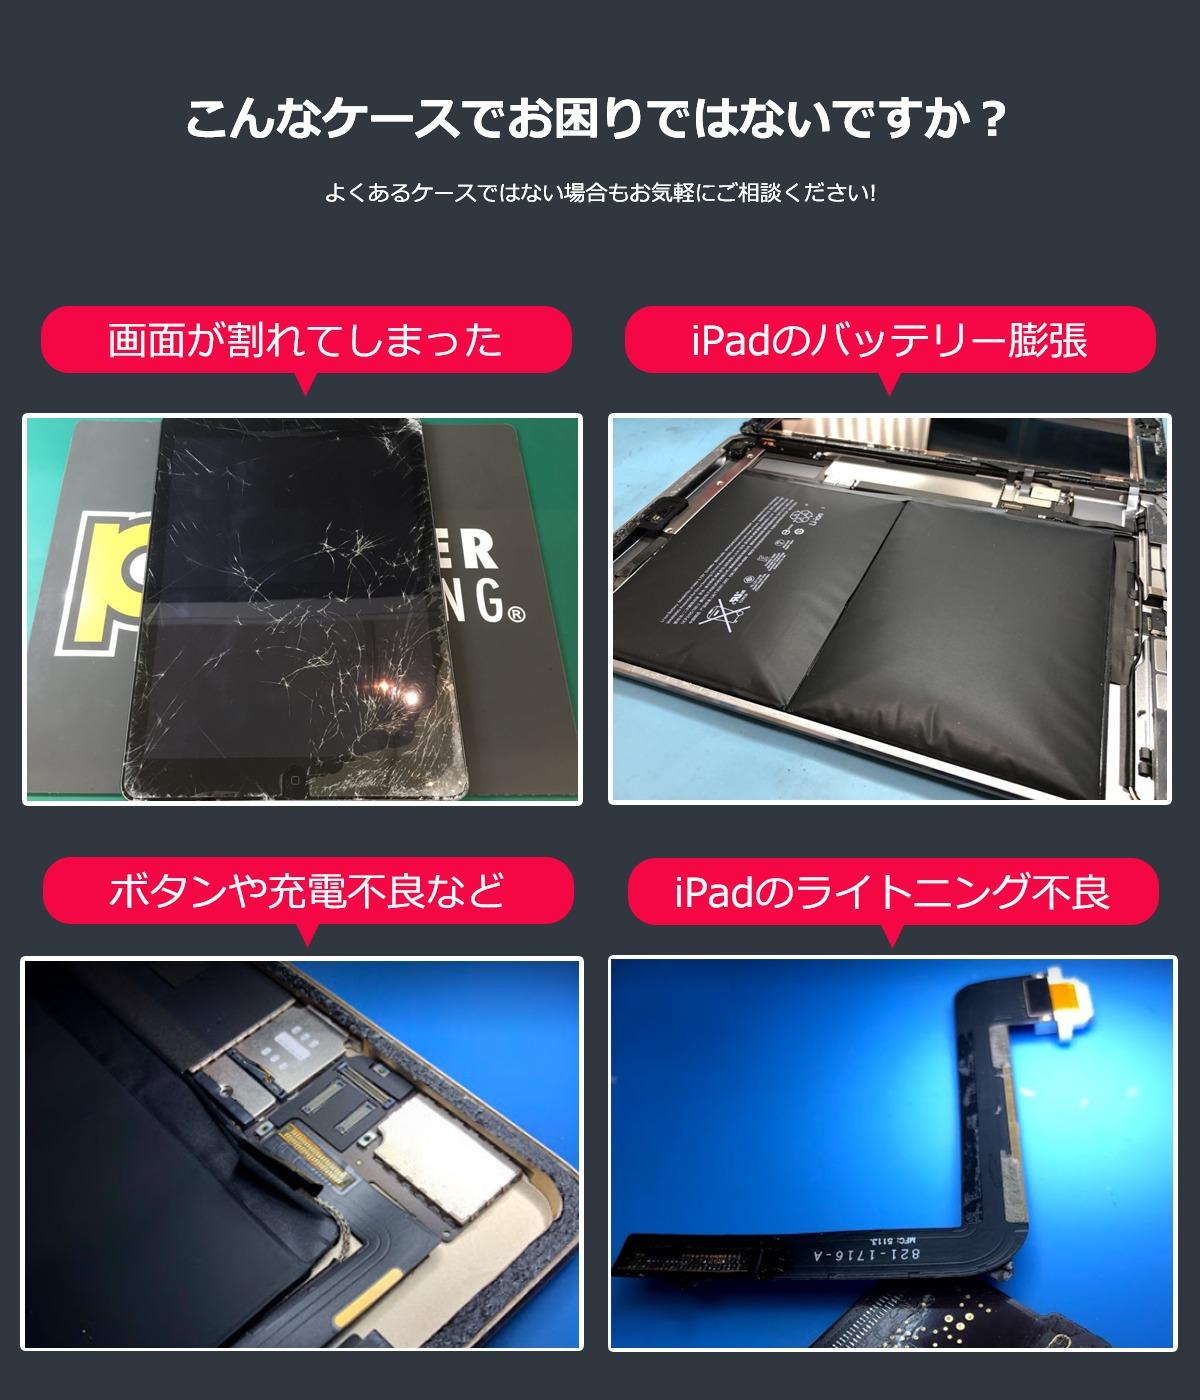 iPad修理内容案内画像